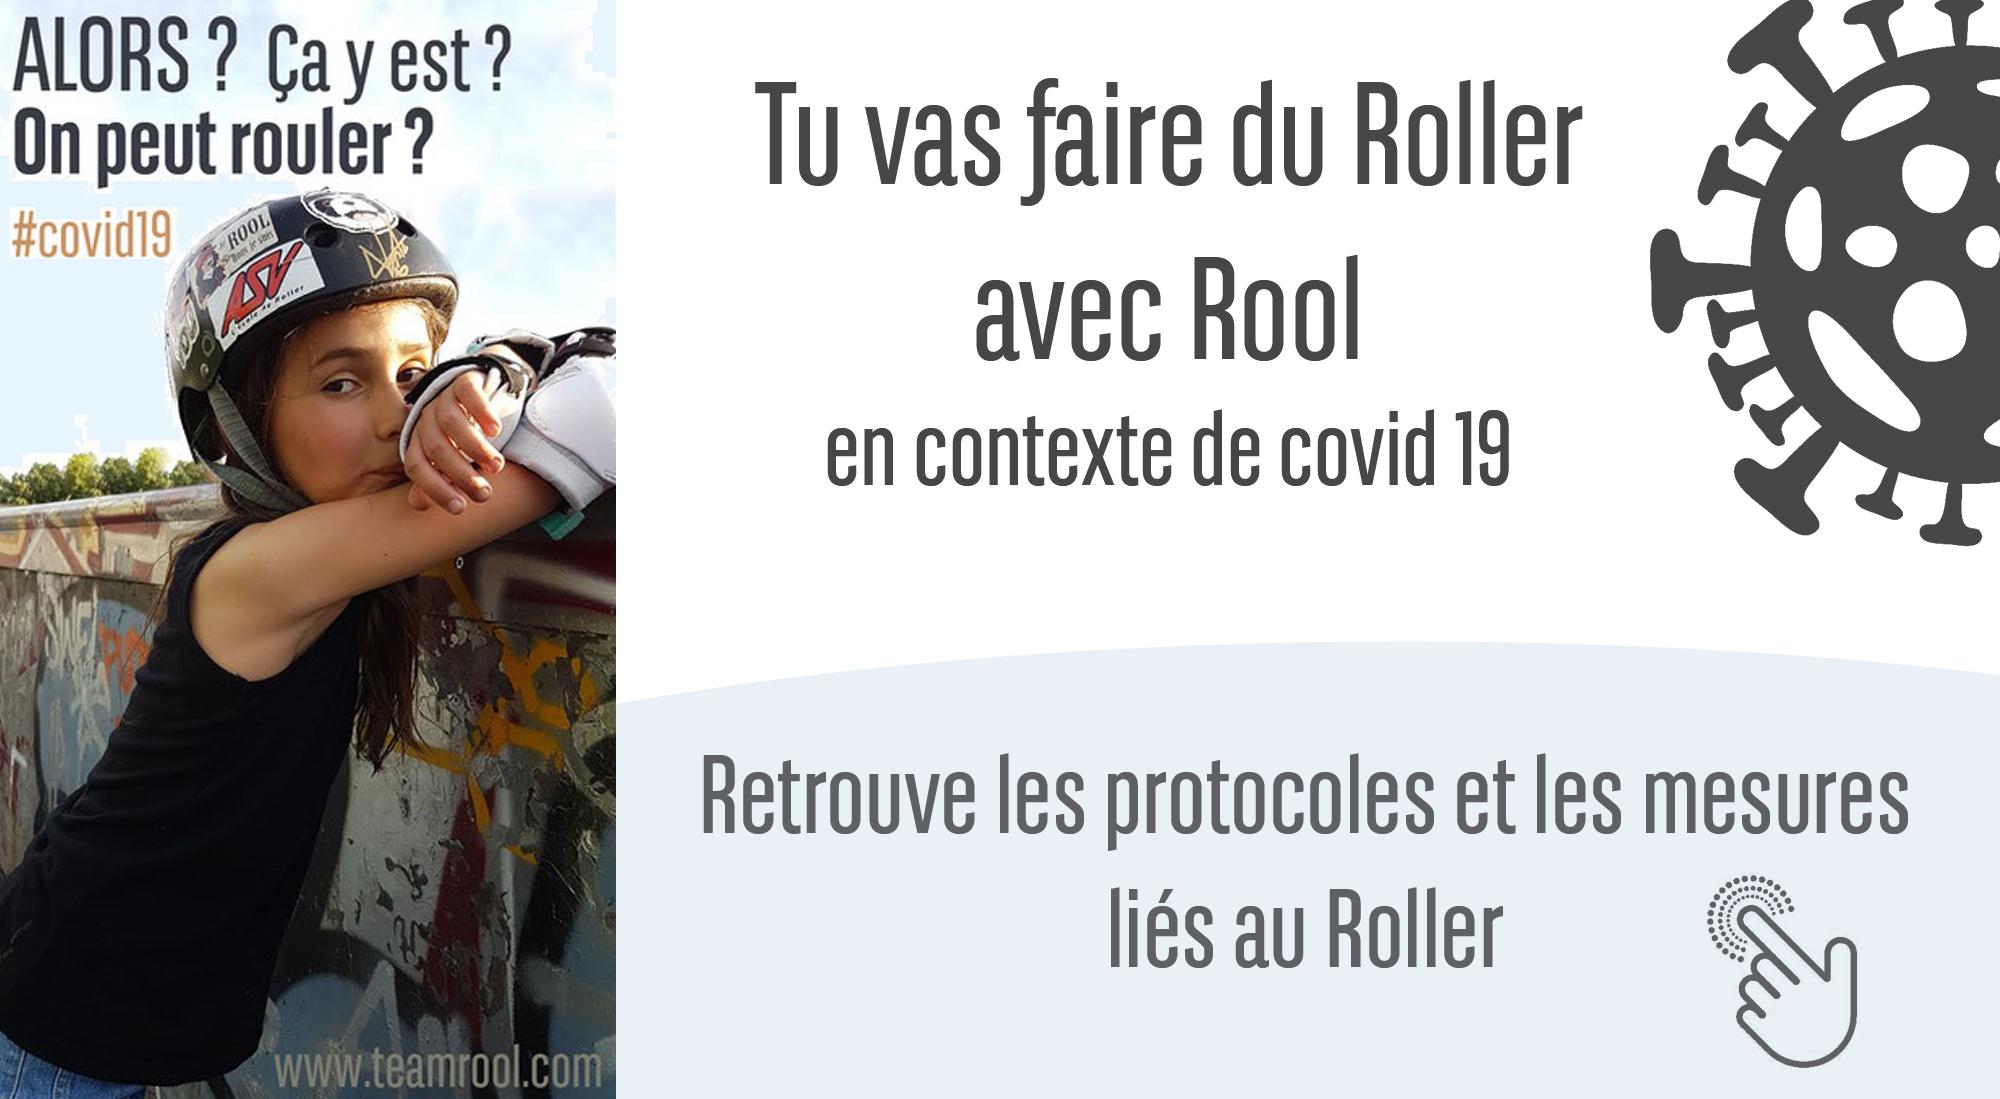 Le Roller en période Covid (MAJ 16/01/2021)